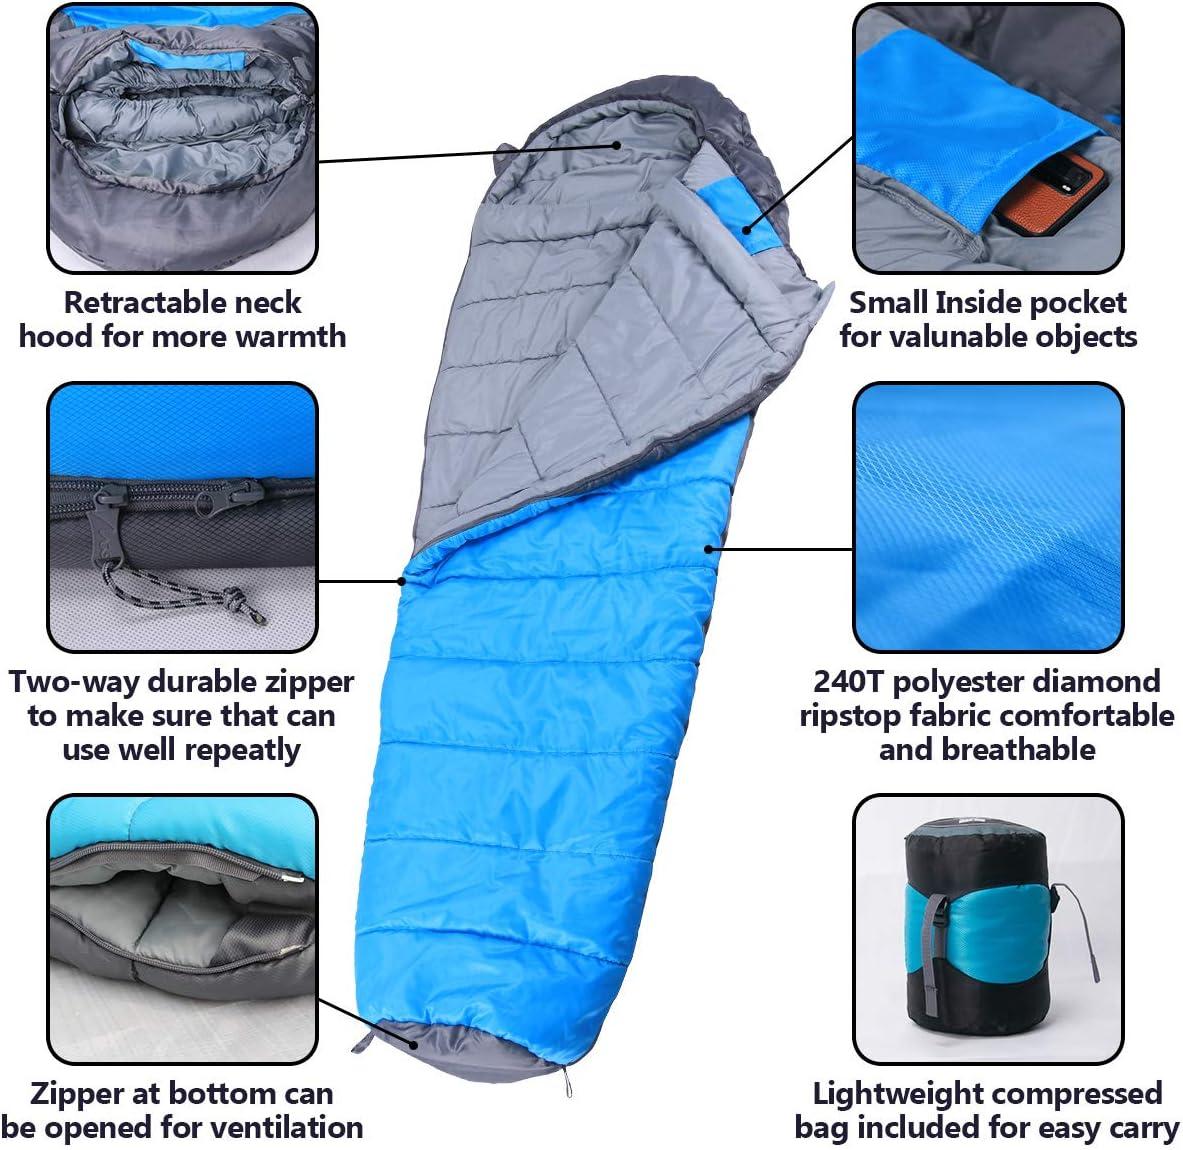 Saco de Dormir Momia 3 Temporadas,Ligero Excursionismo Mochilero Compacto Resistente al Agua Viajes Ideal para Acampar